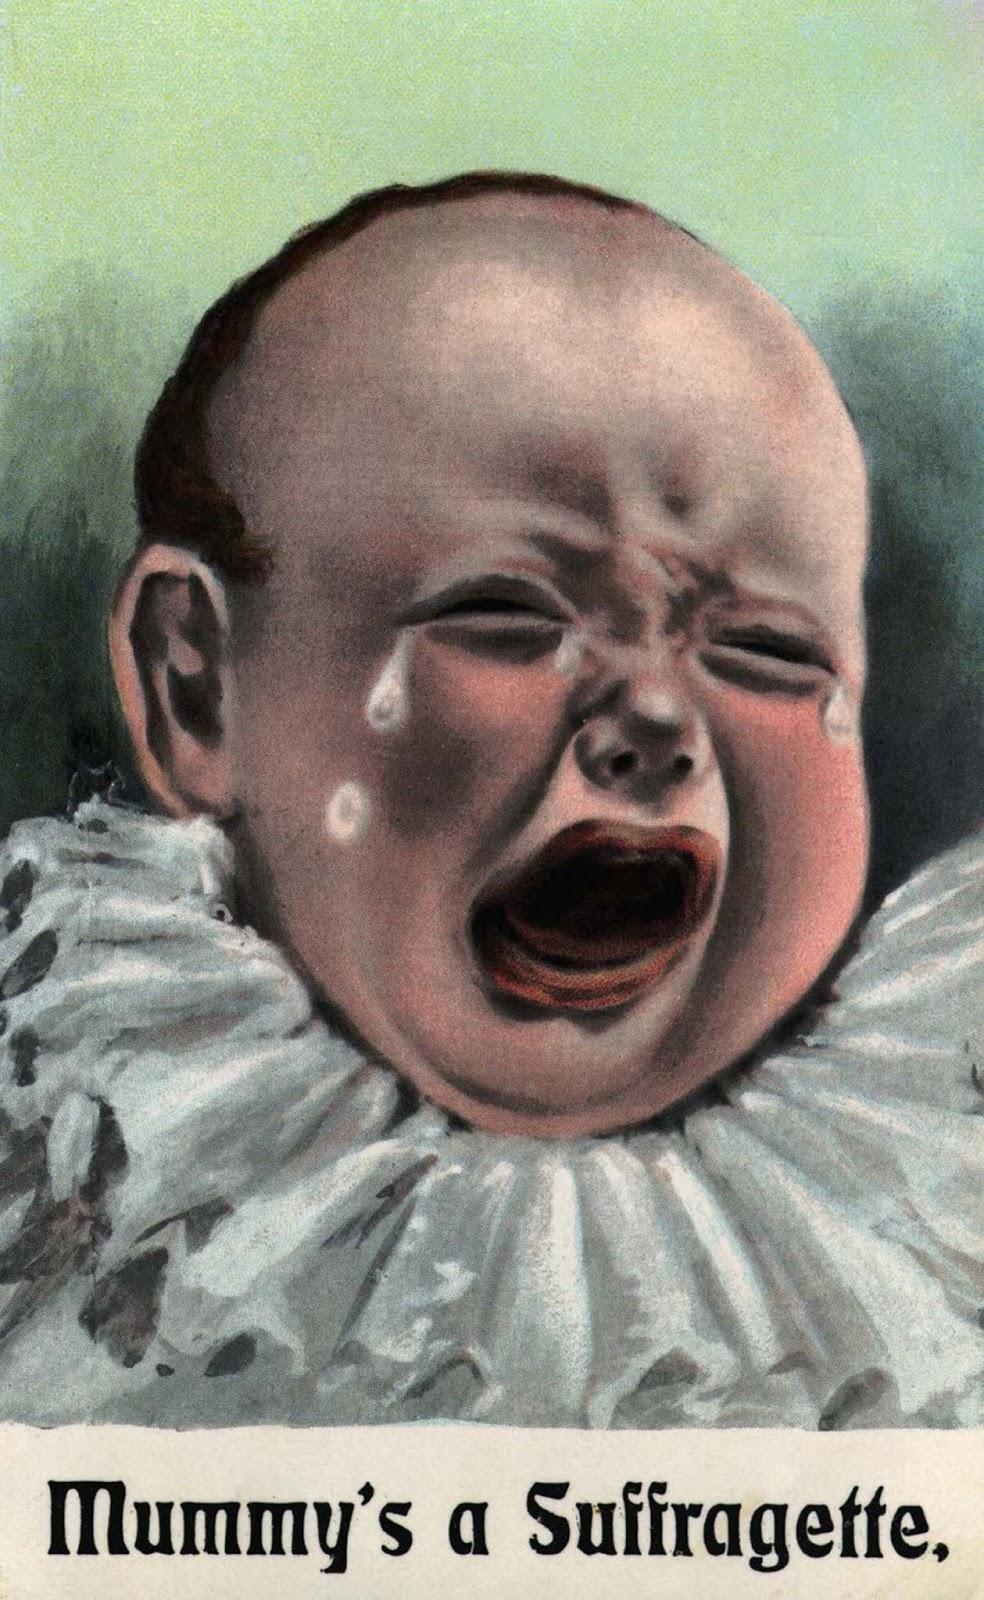 Mummy's a Suffragette. 1900.